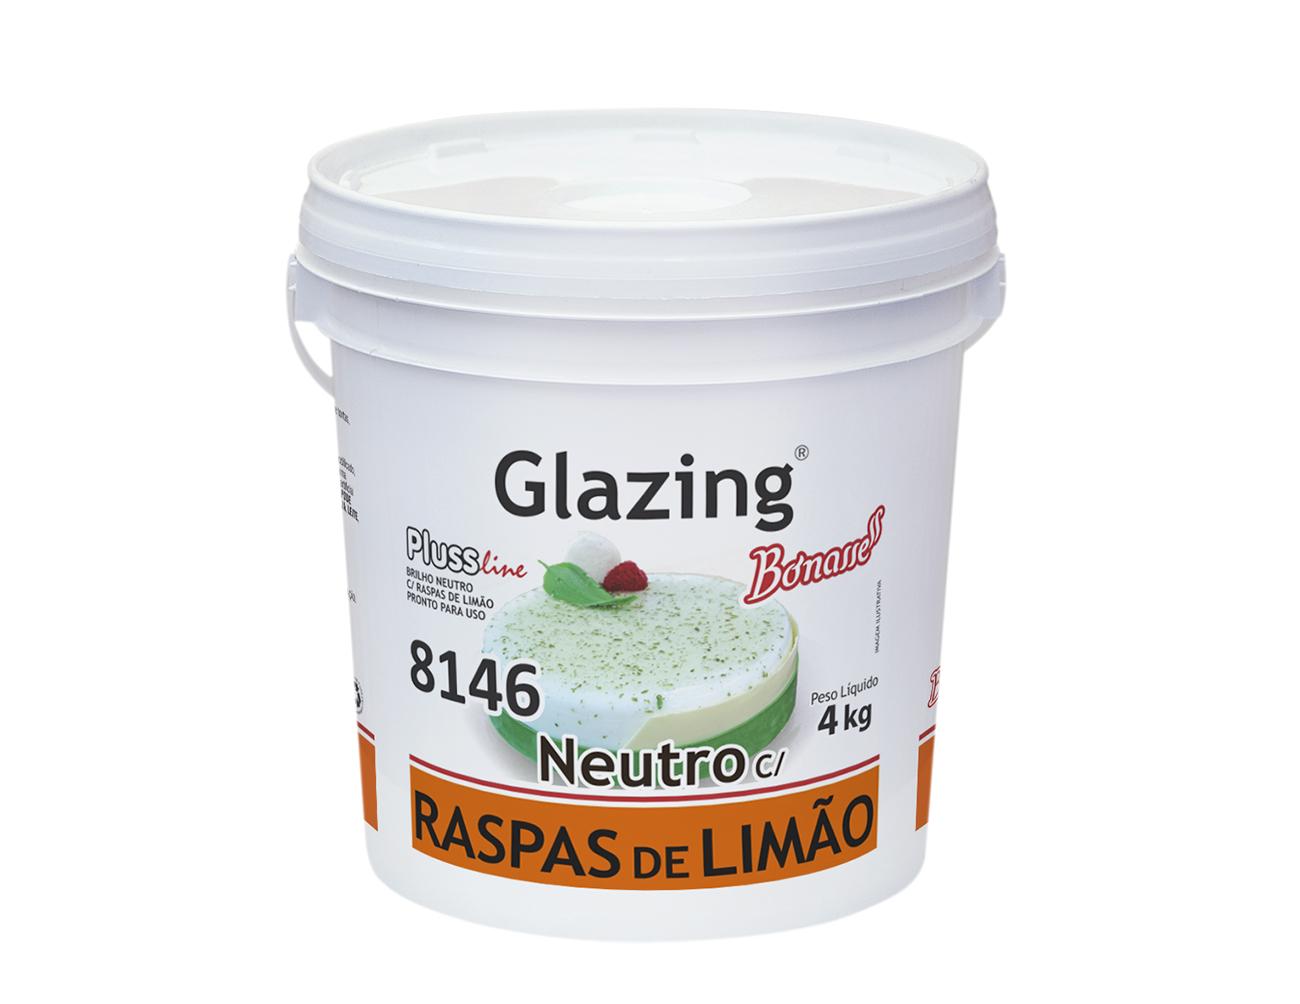 Glazing® Neutro c/ Raspas de Limão